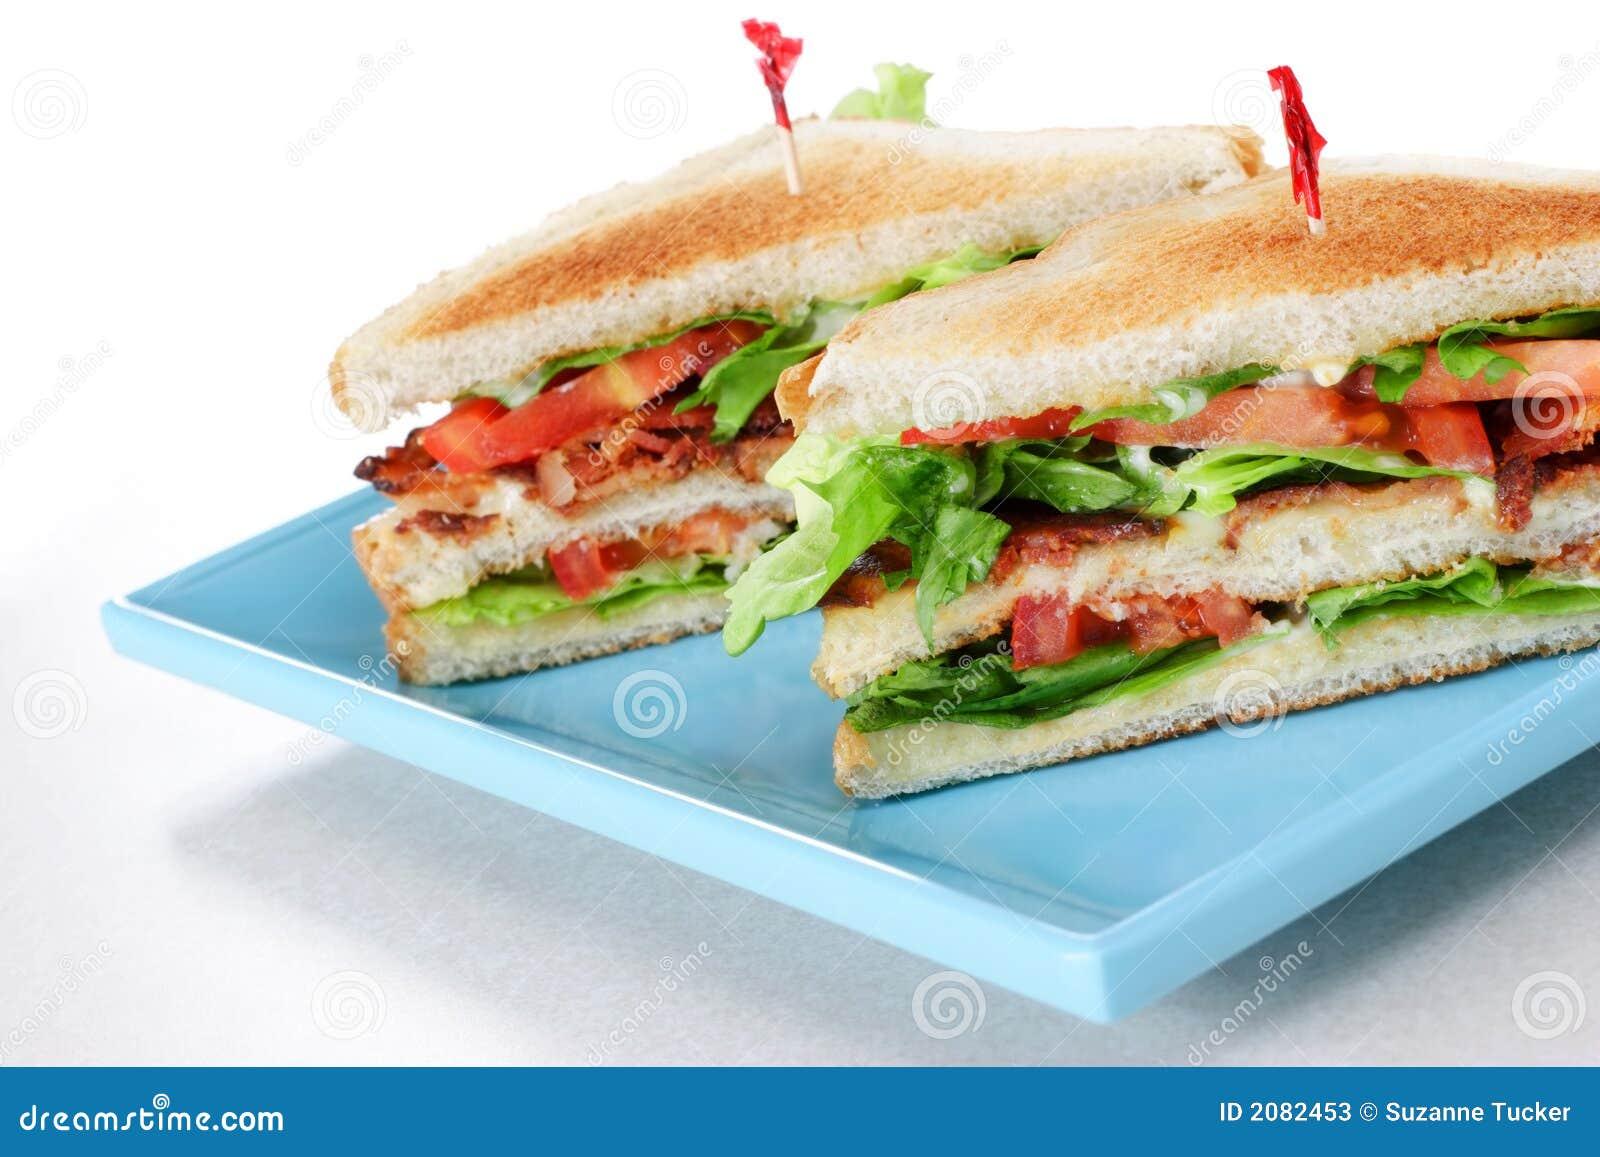 Laitue de lard et sandwich à tomate